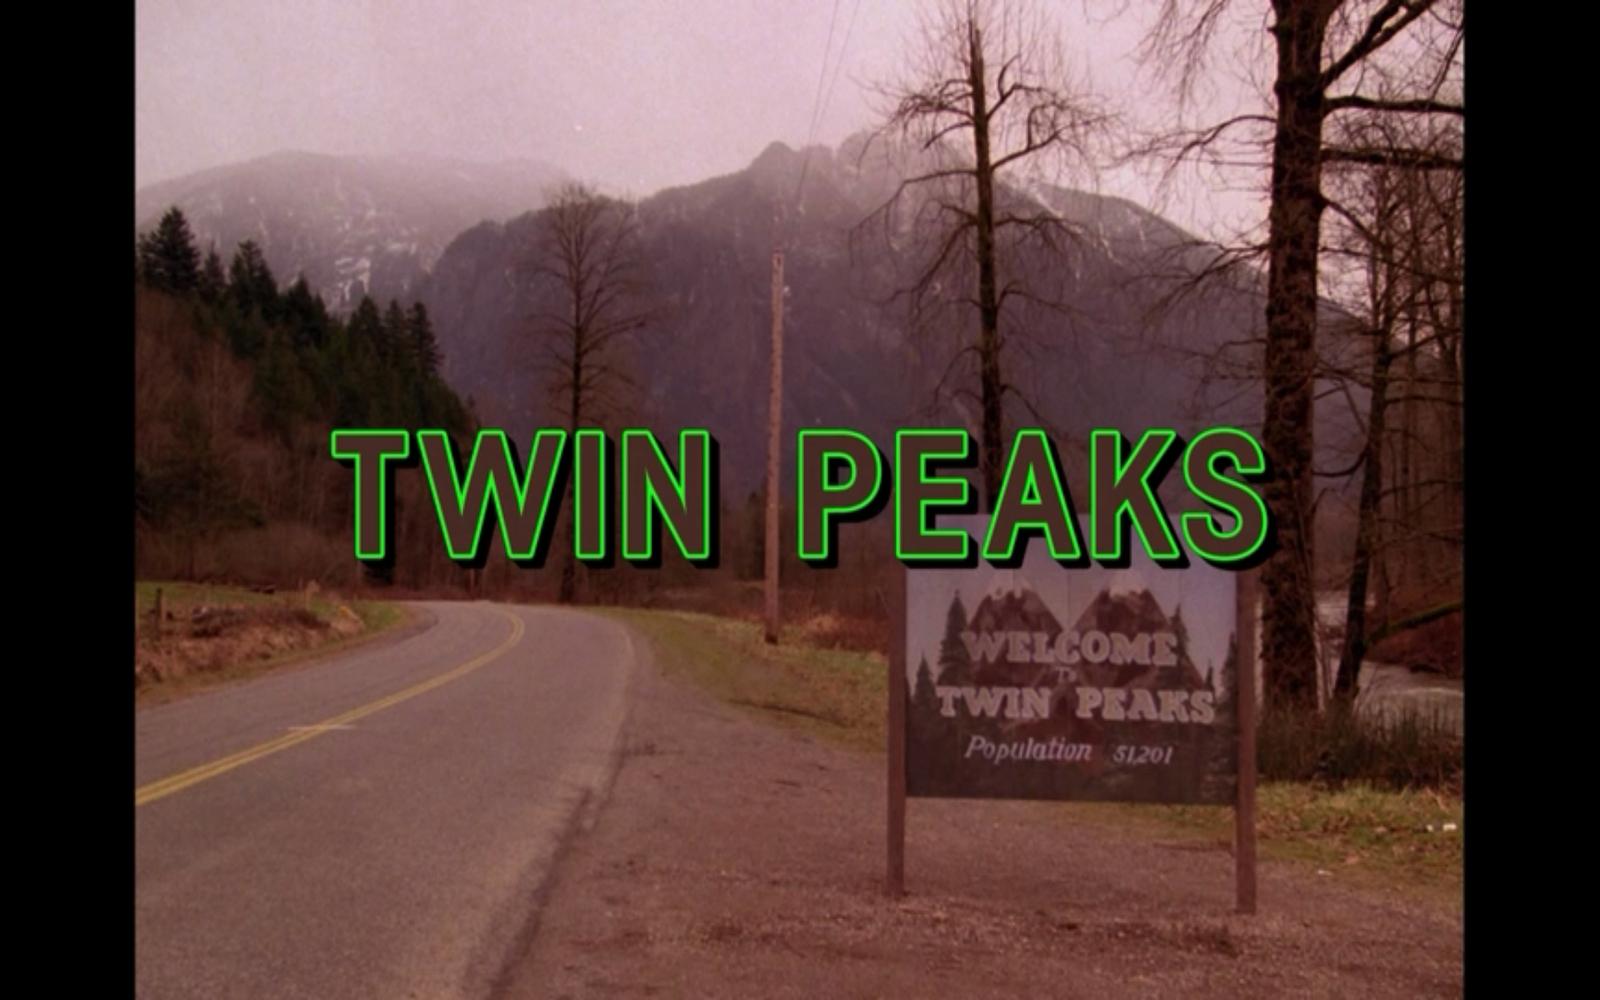 http://4.bp.blogspot.com/-Wq18BtlIczM/Top2JtDblnI/AAAAAAAABbc/hnUUpmr4JQw/s1600/Twin-Peaks-title.png